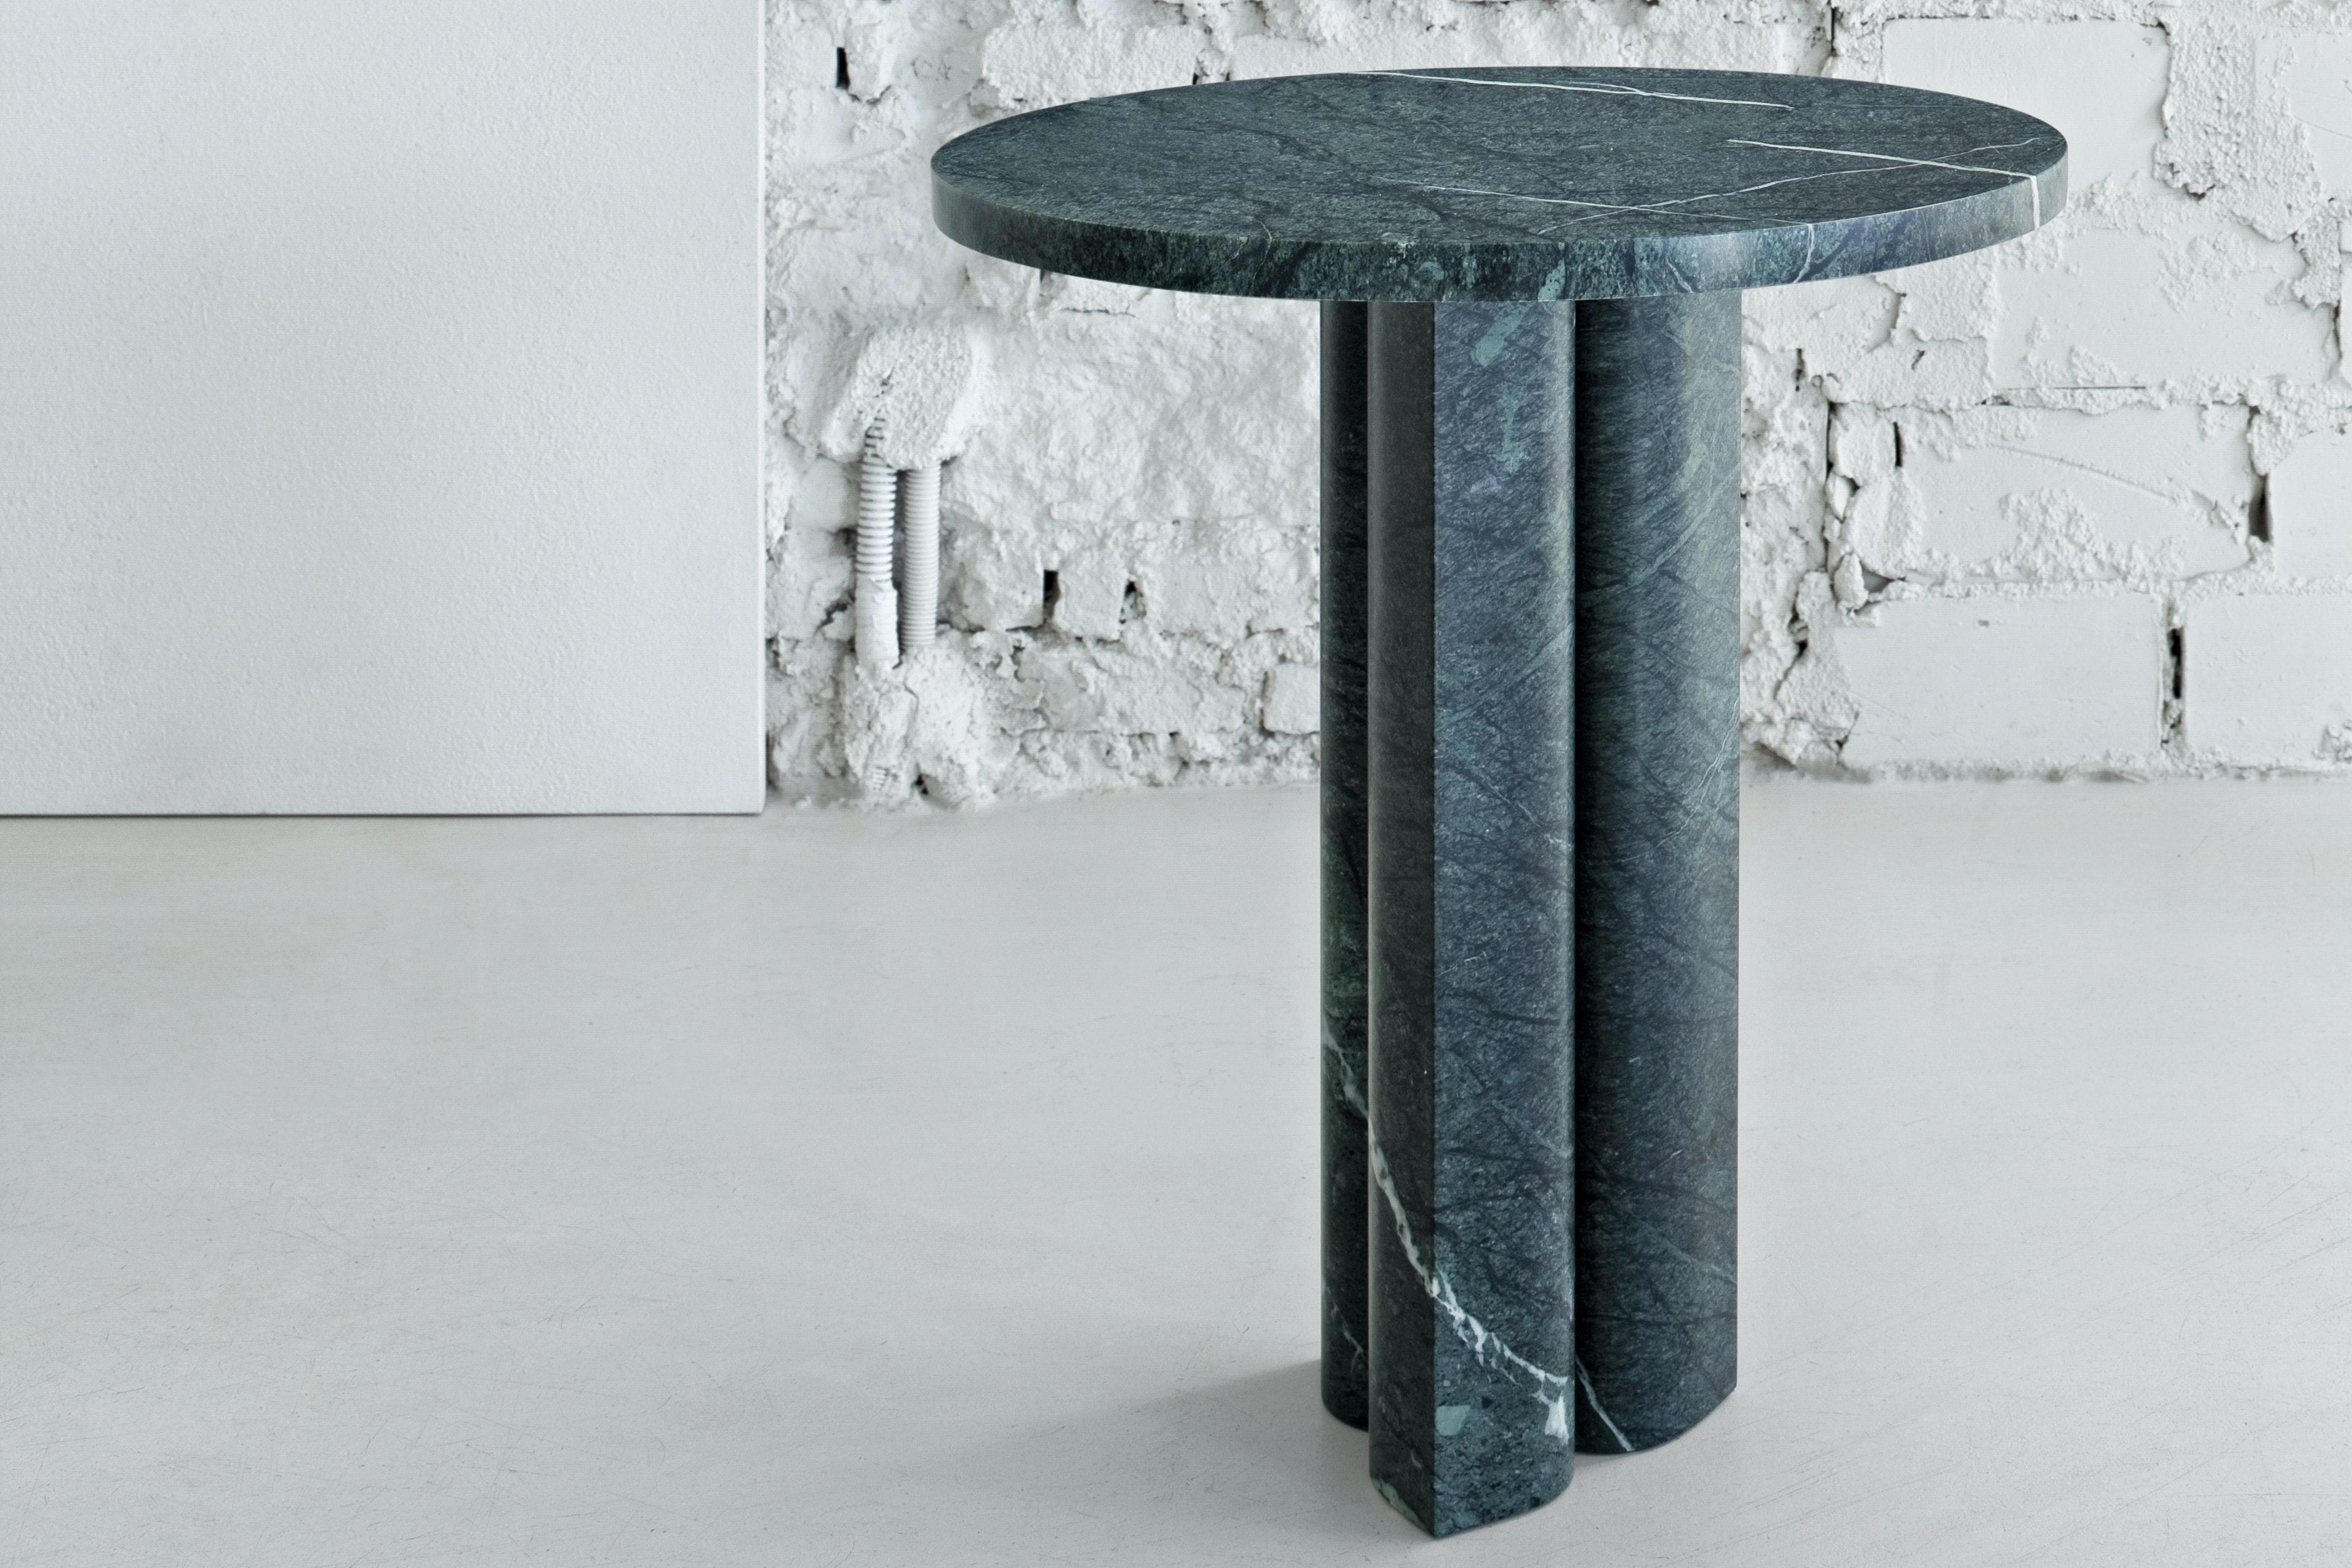 nyheder møbler design interiør bord marmor